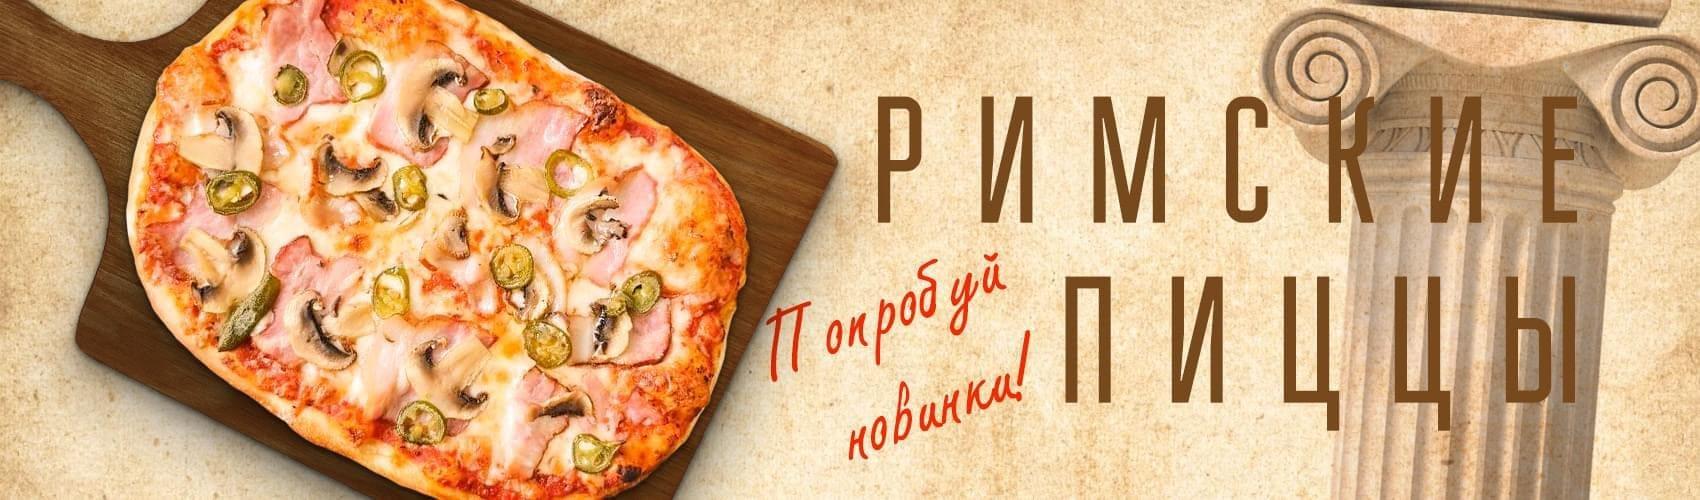 Римские пиццы